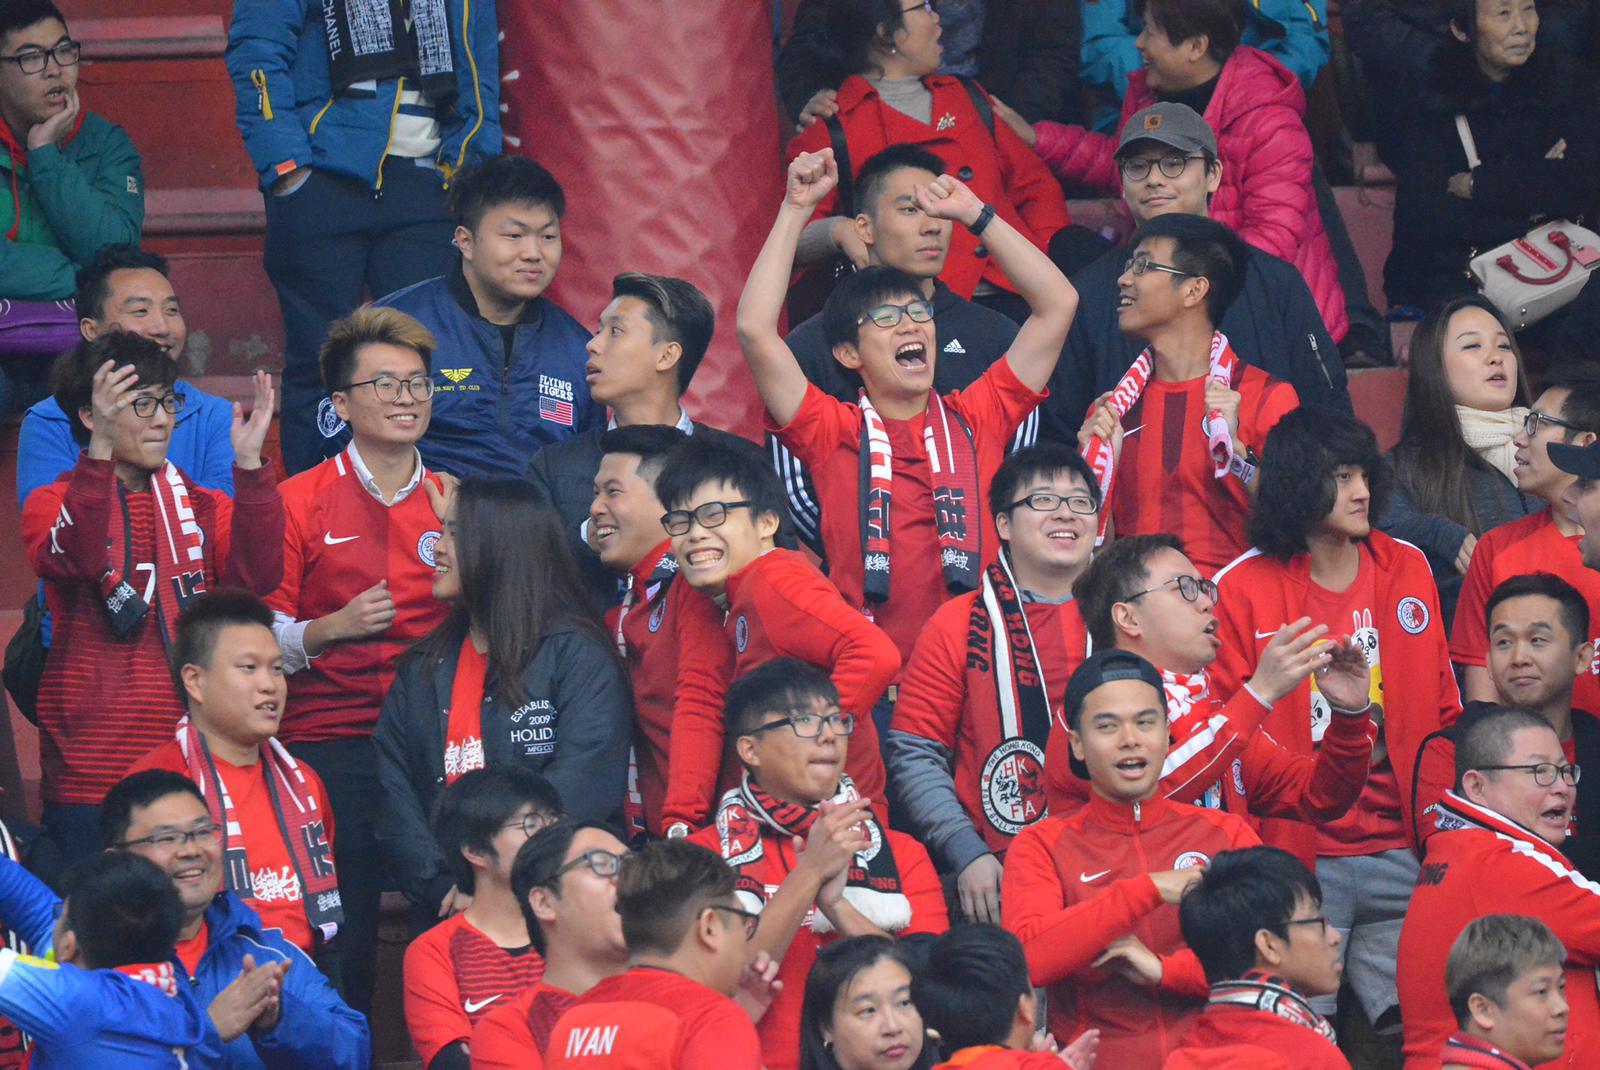 不少港隊球迷專程赴廣州入場支持球隊